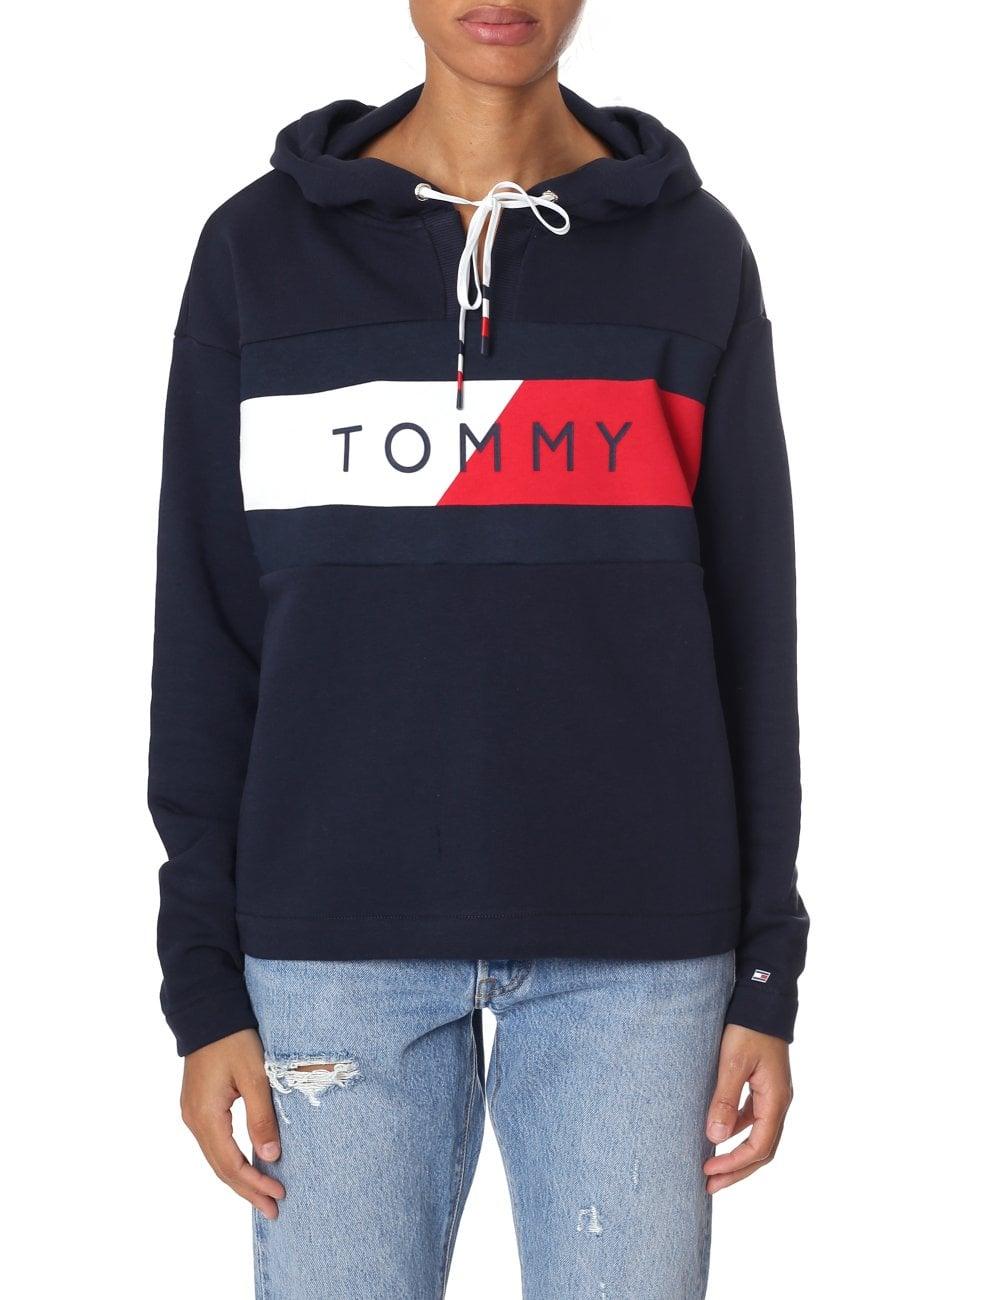 Größe 7 neu billig Turnschuhe Tommy Hilfiger Women's Athletic Electra Hoodie